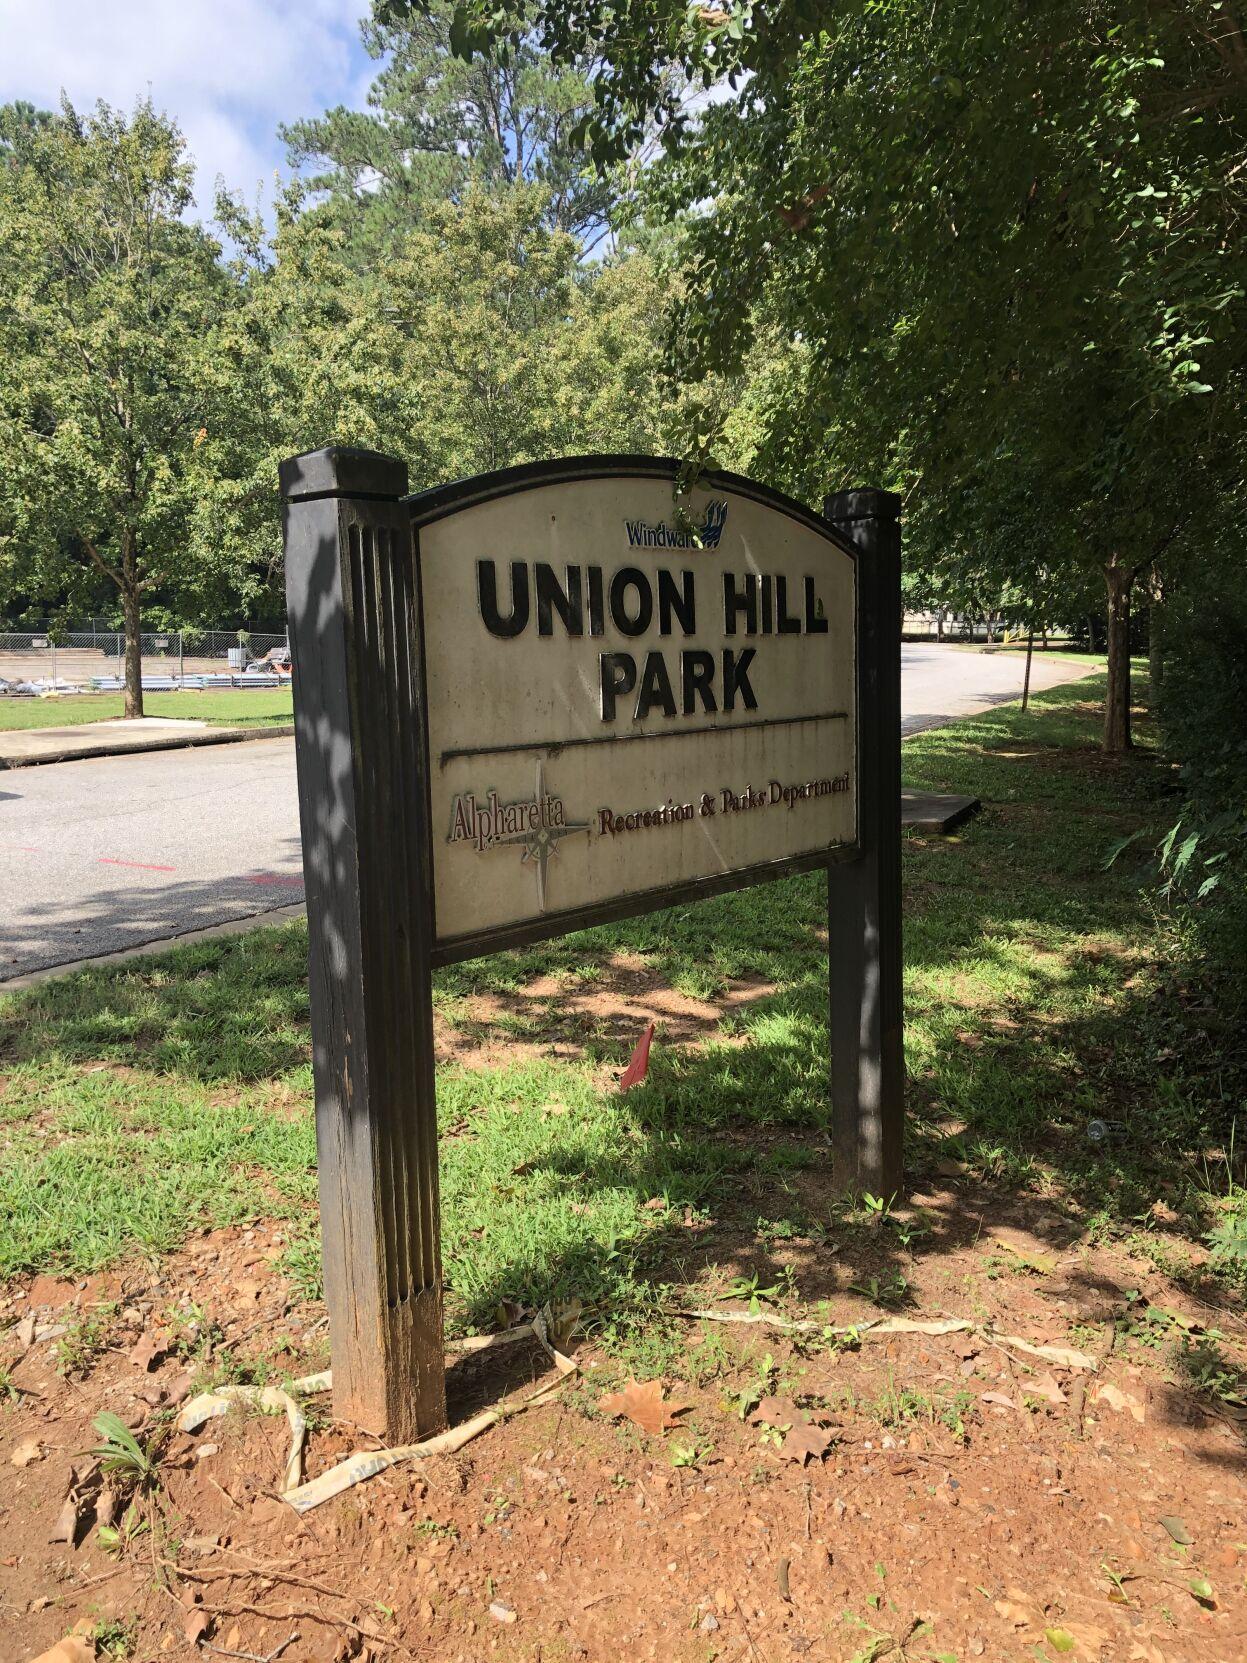 Union Hill Park